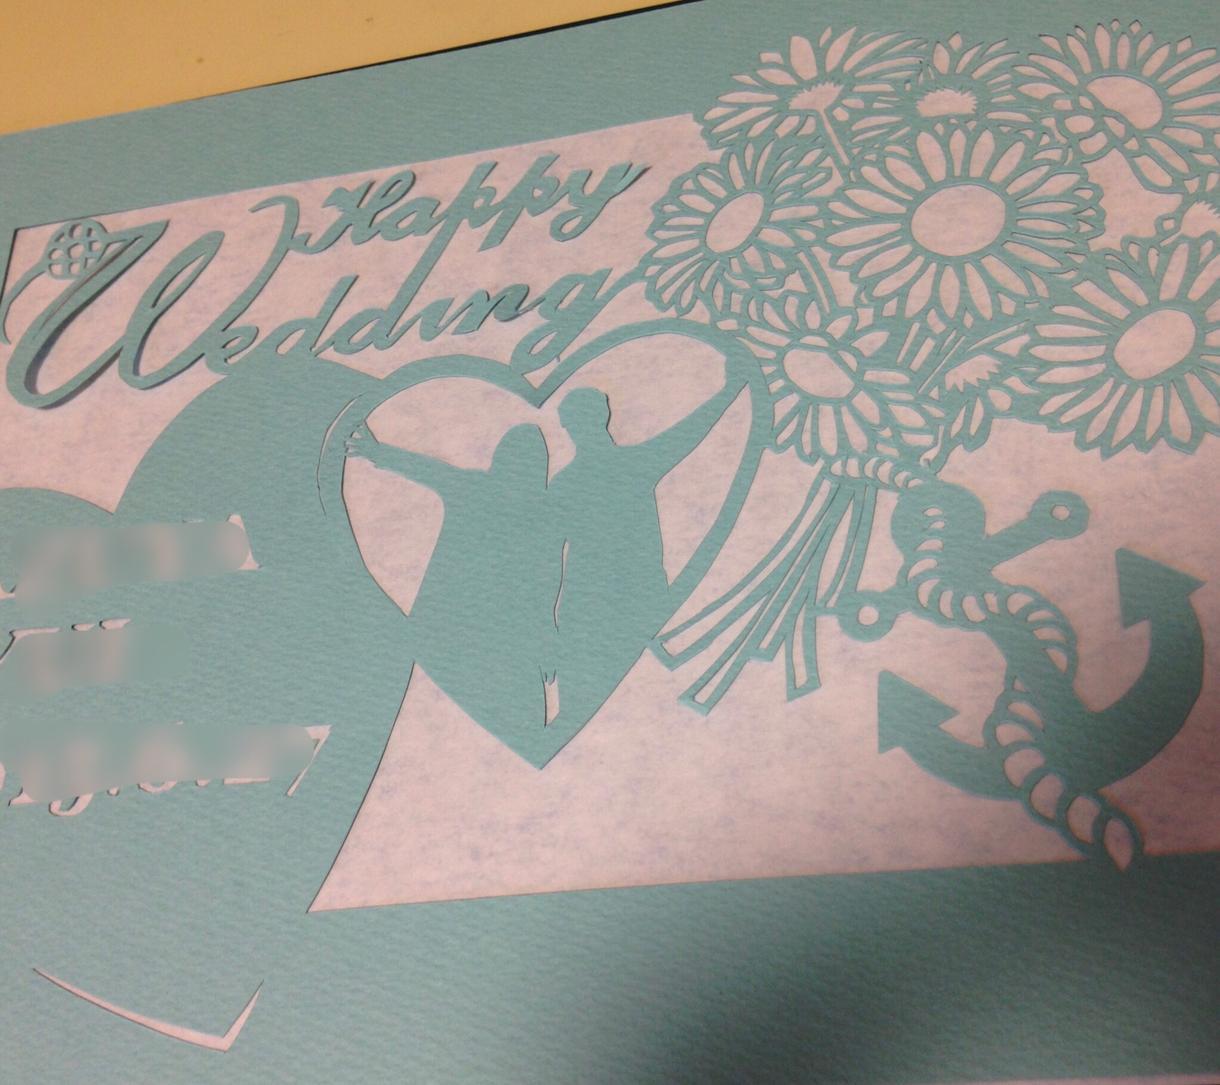 切り絵の結婚式ウェルカムボード作ります こだわりのウェルカムボードを丁寧にお作りします!